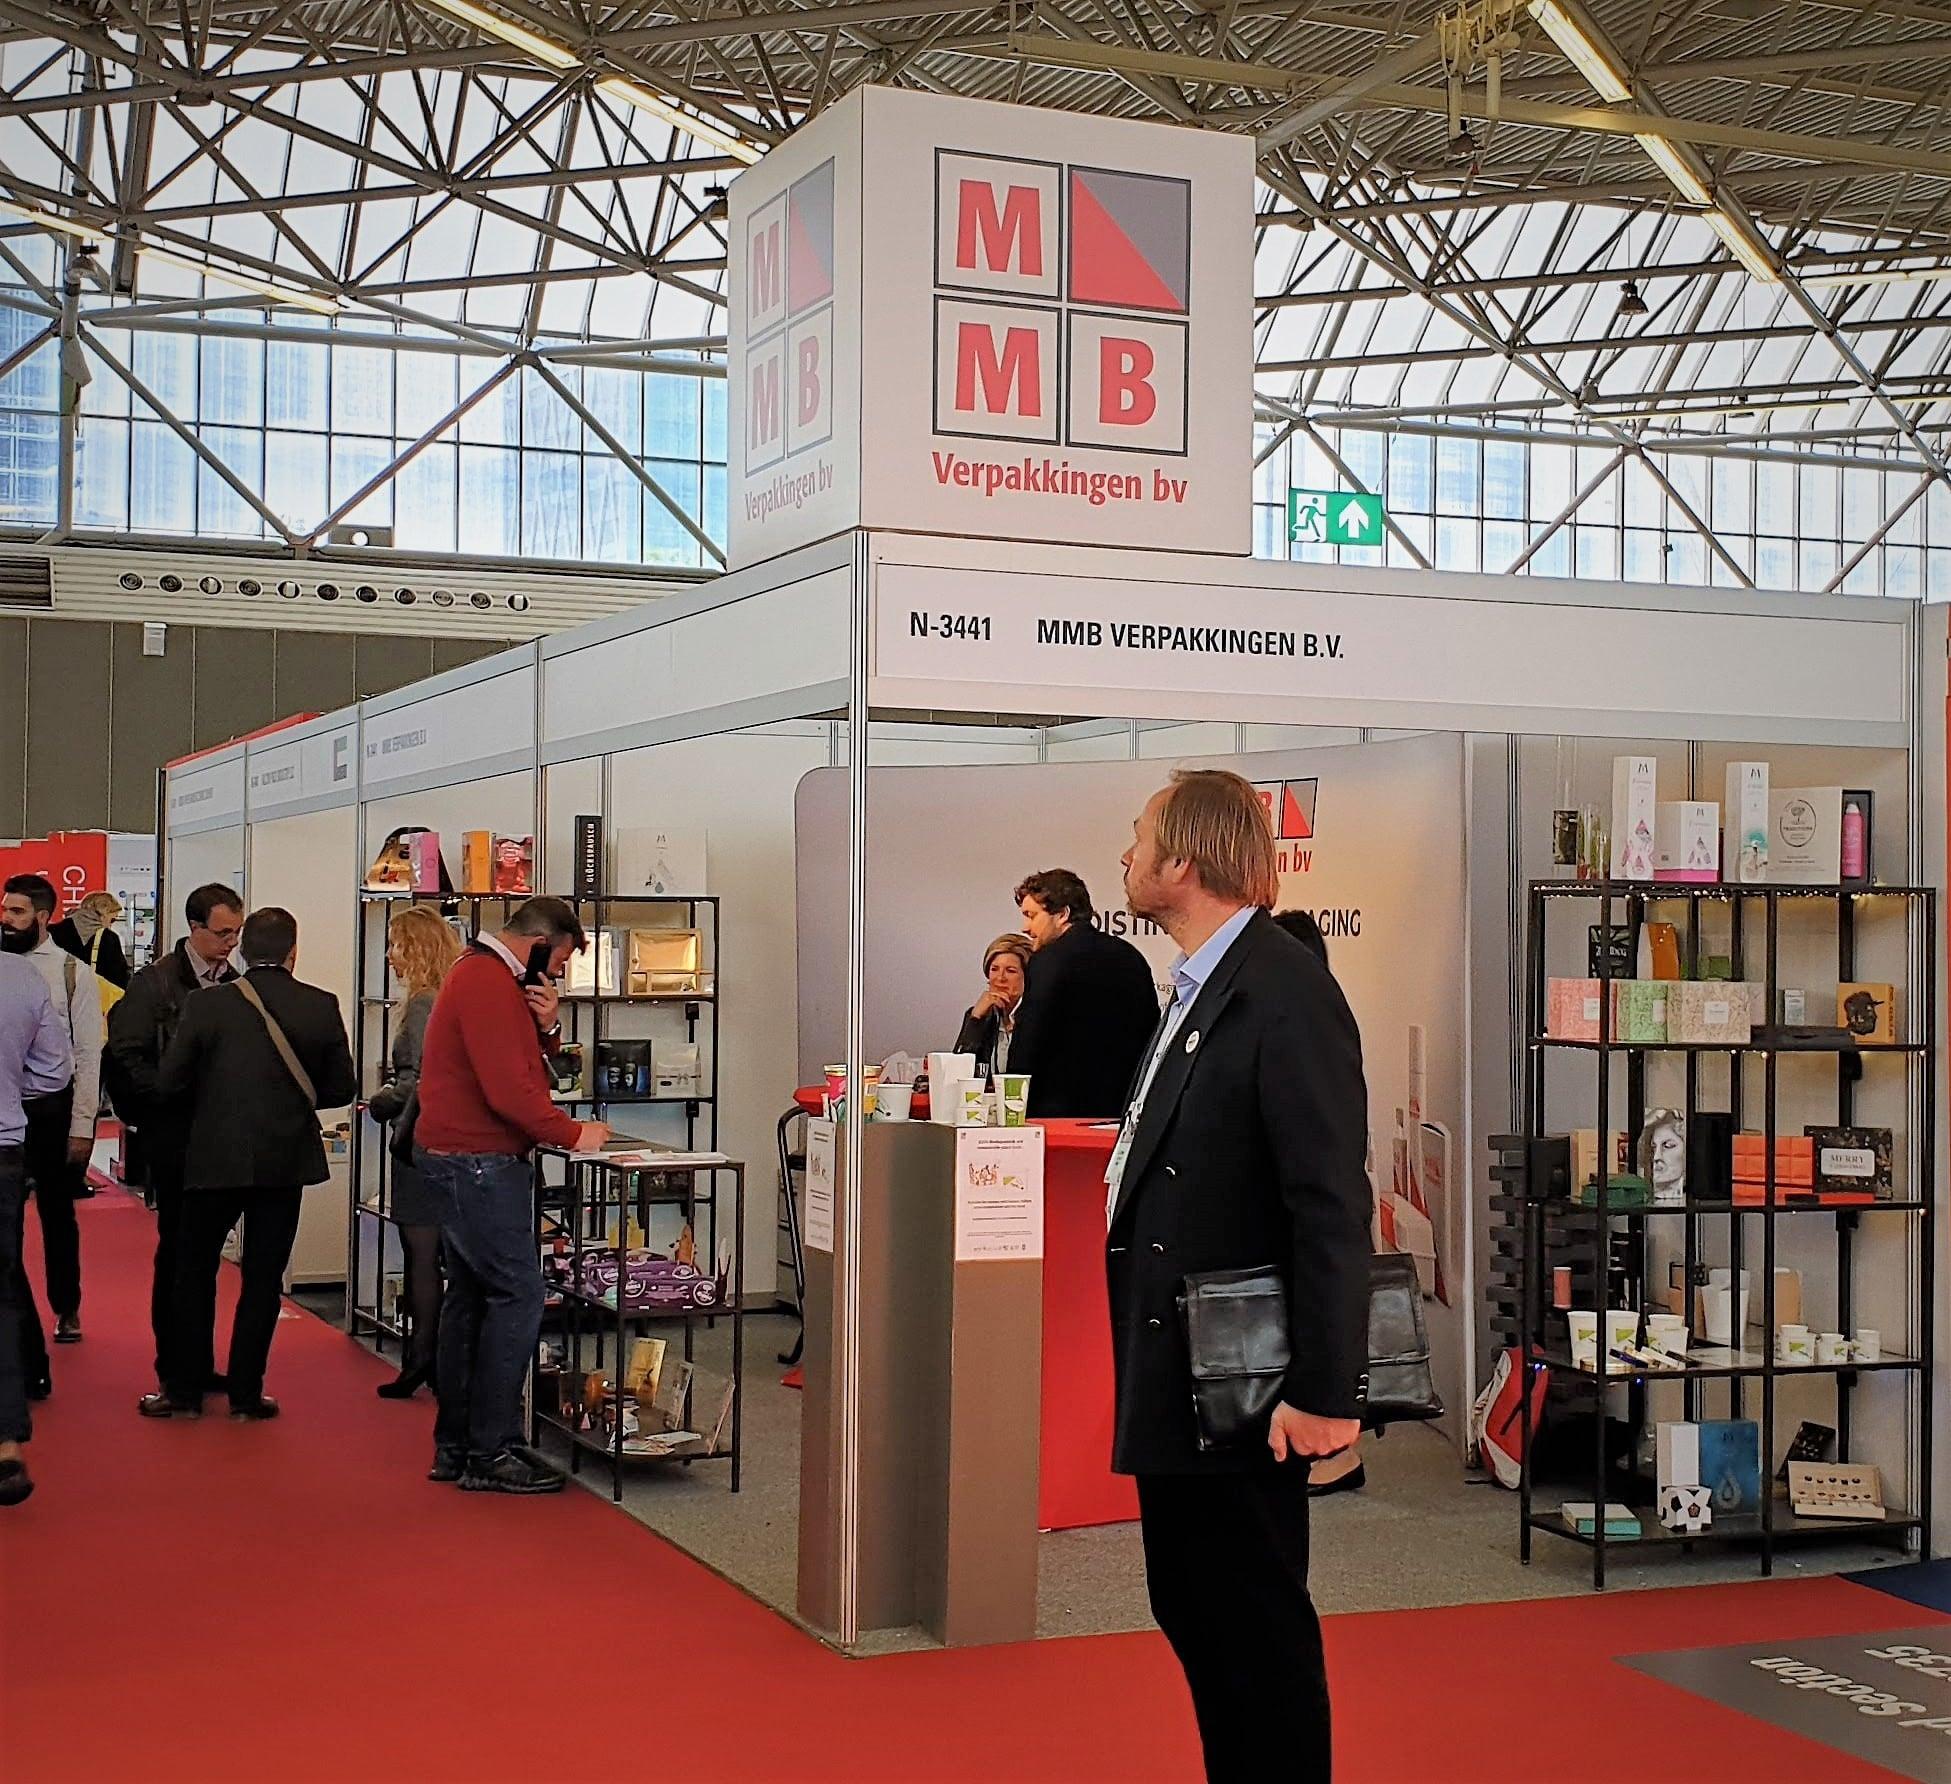 MMB verpakkingen op PMLA Amsterdam 2019